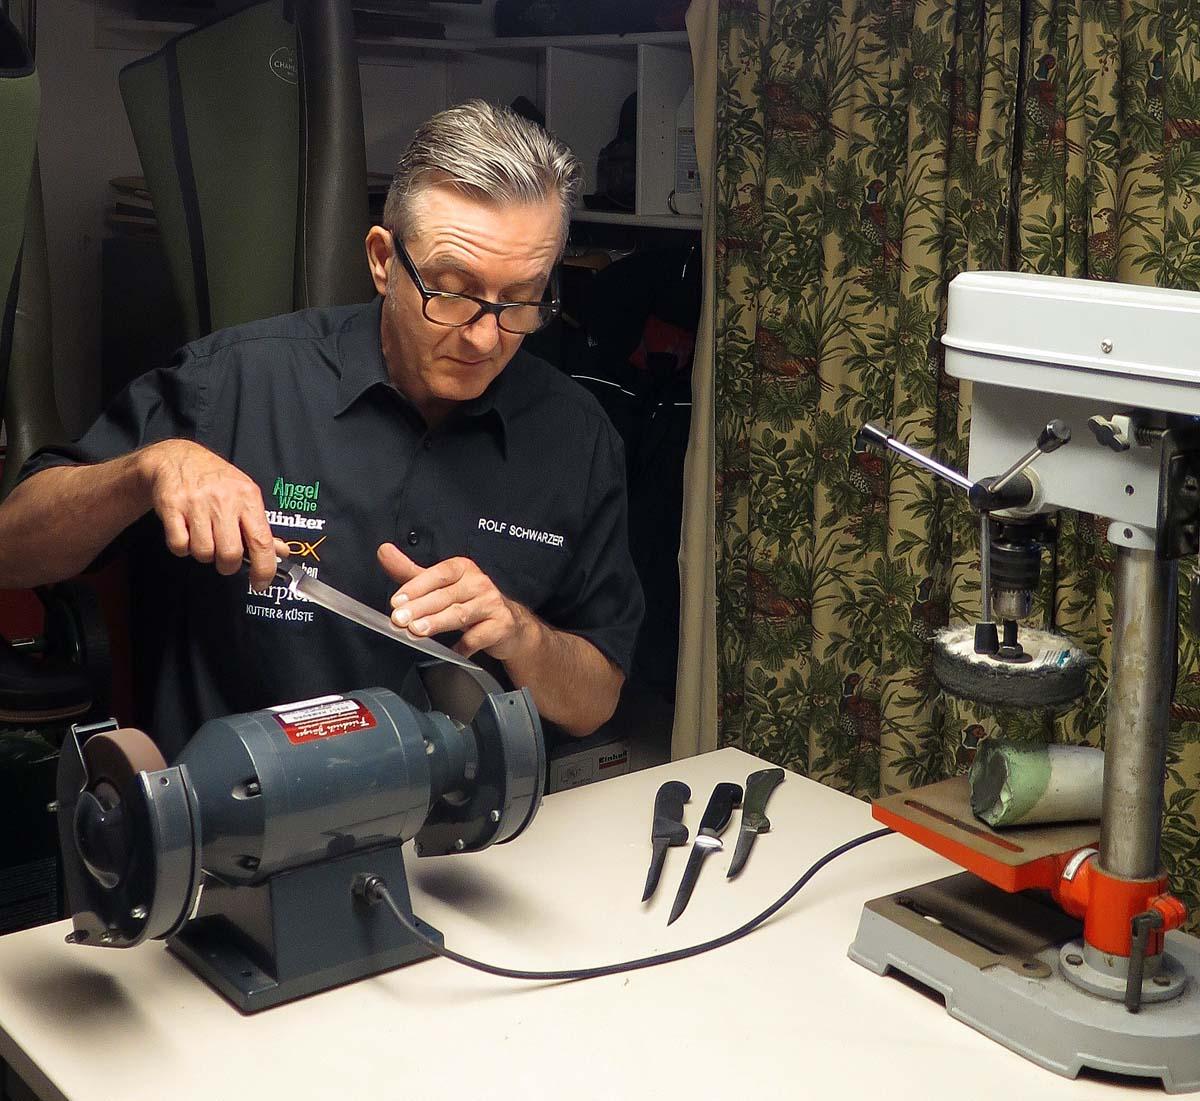 Vorab: Bei drehenden Werkzeugen ist grundsätzlich Vorsicht geboten! Foto: BLINKER/W. Krause